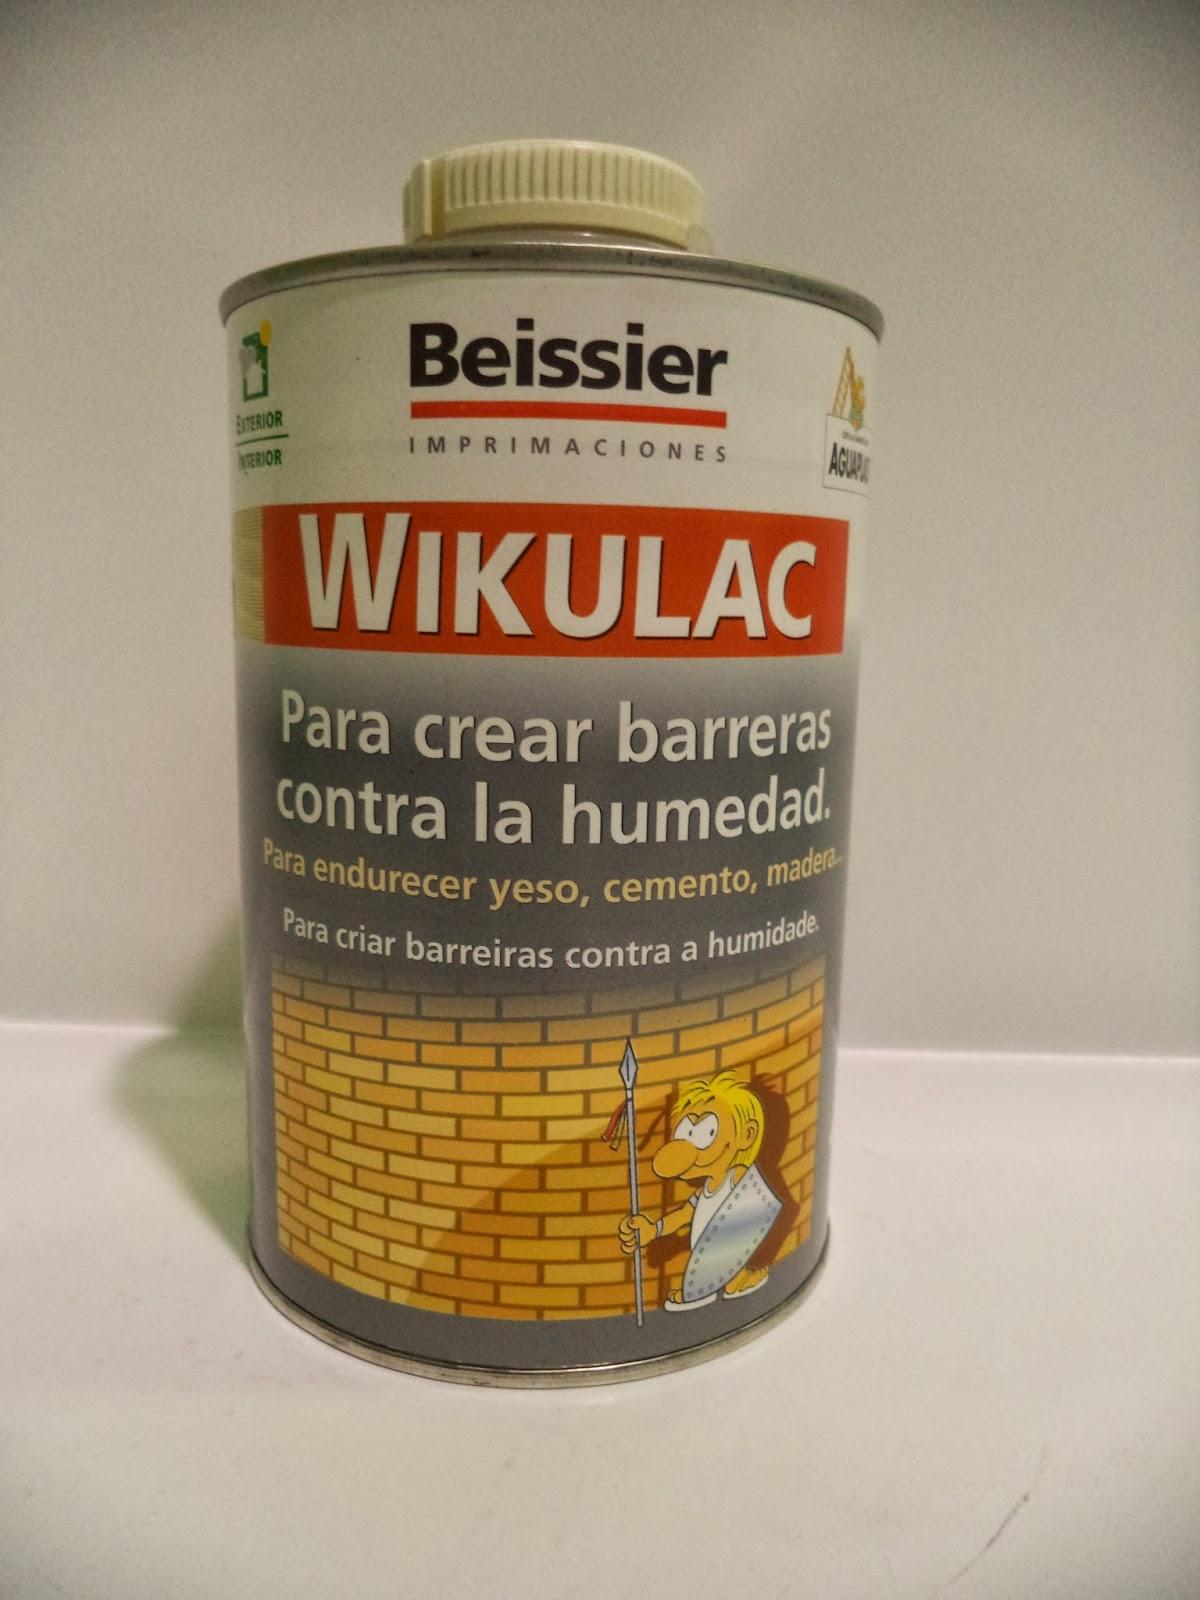 Hiperpinturas productos espec ficos contra la humedad - Contra la humedad ...